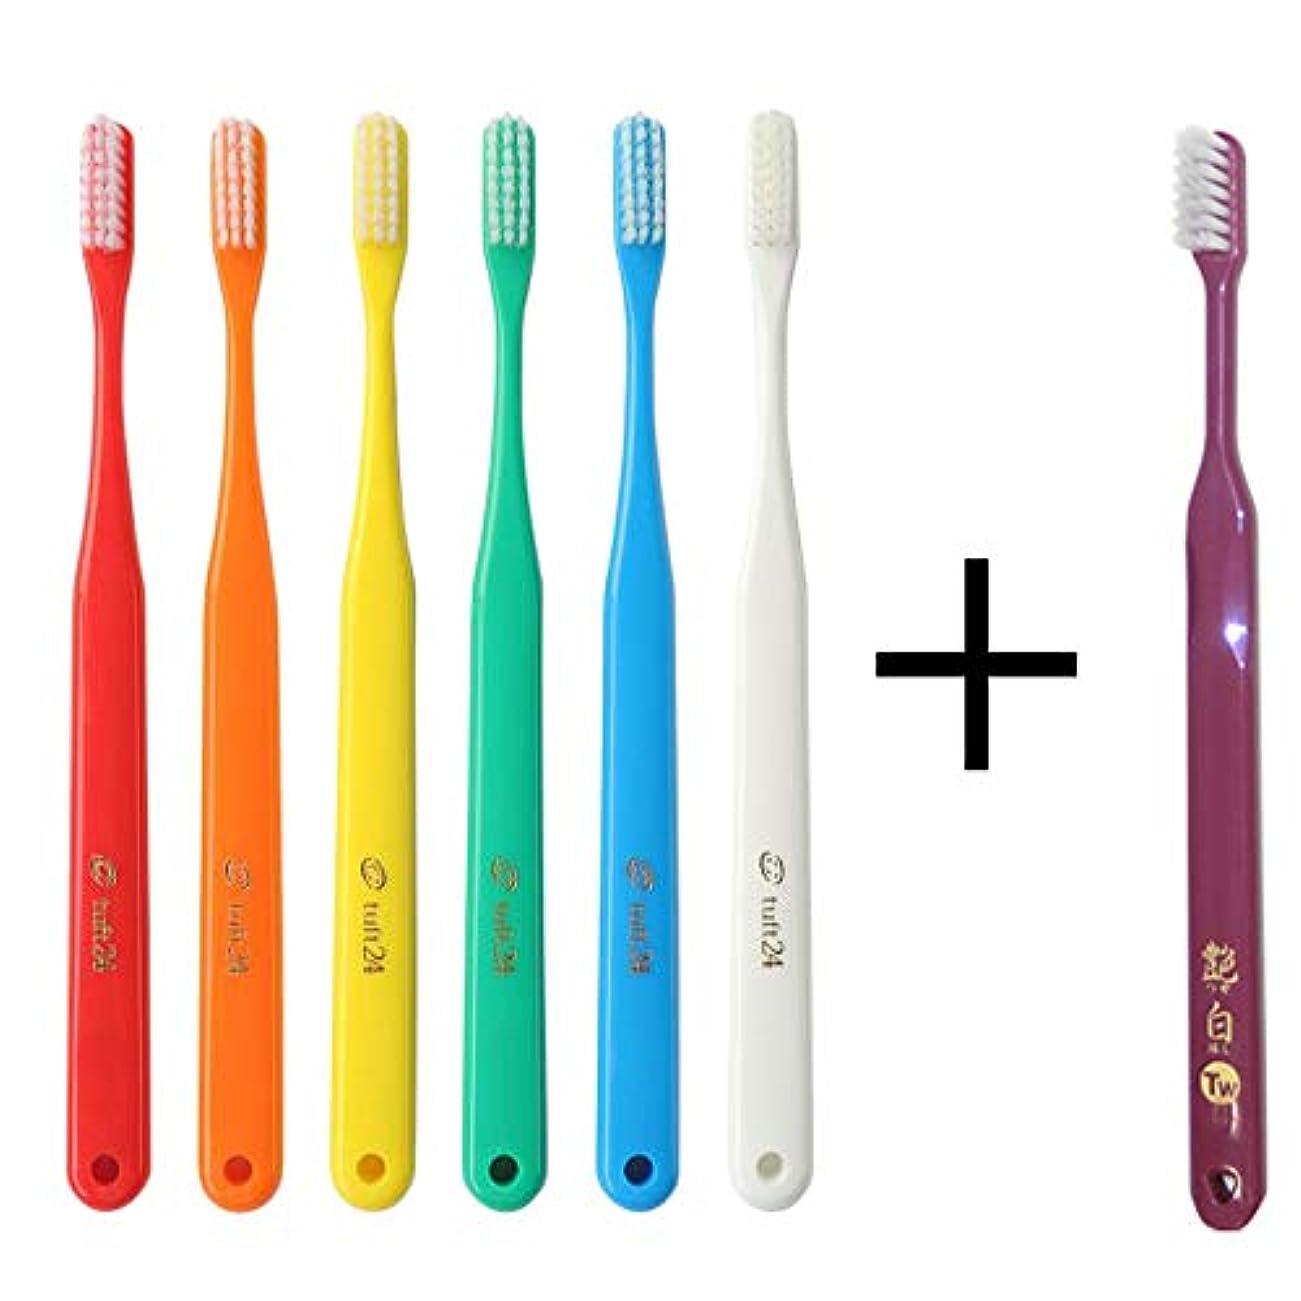 言い訳排泄物プロフェッショナルキャップなし タフト24 歯ブラシ × 25本入 M (アソート) + 艶白 ハブラシ (日本製) ×1本 MS(やややわらかめ) 大人用歯ブラシ 歯科医院取扱品